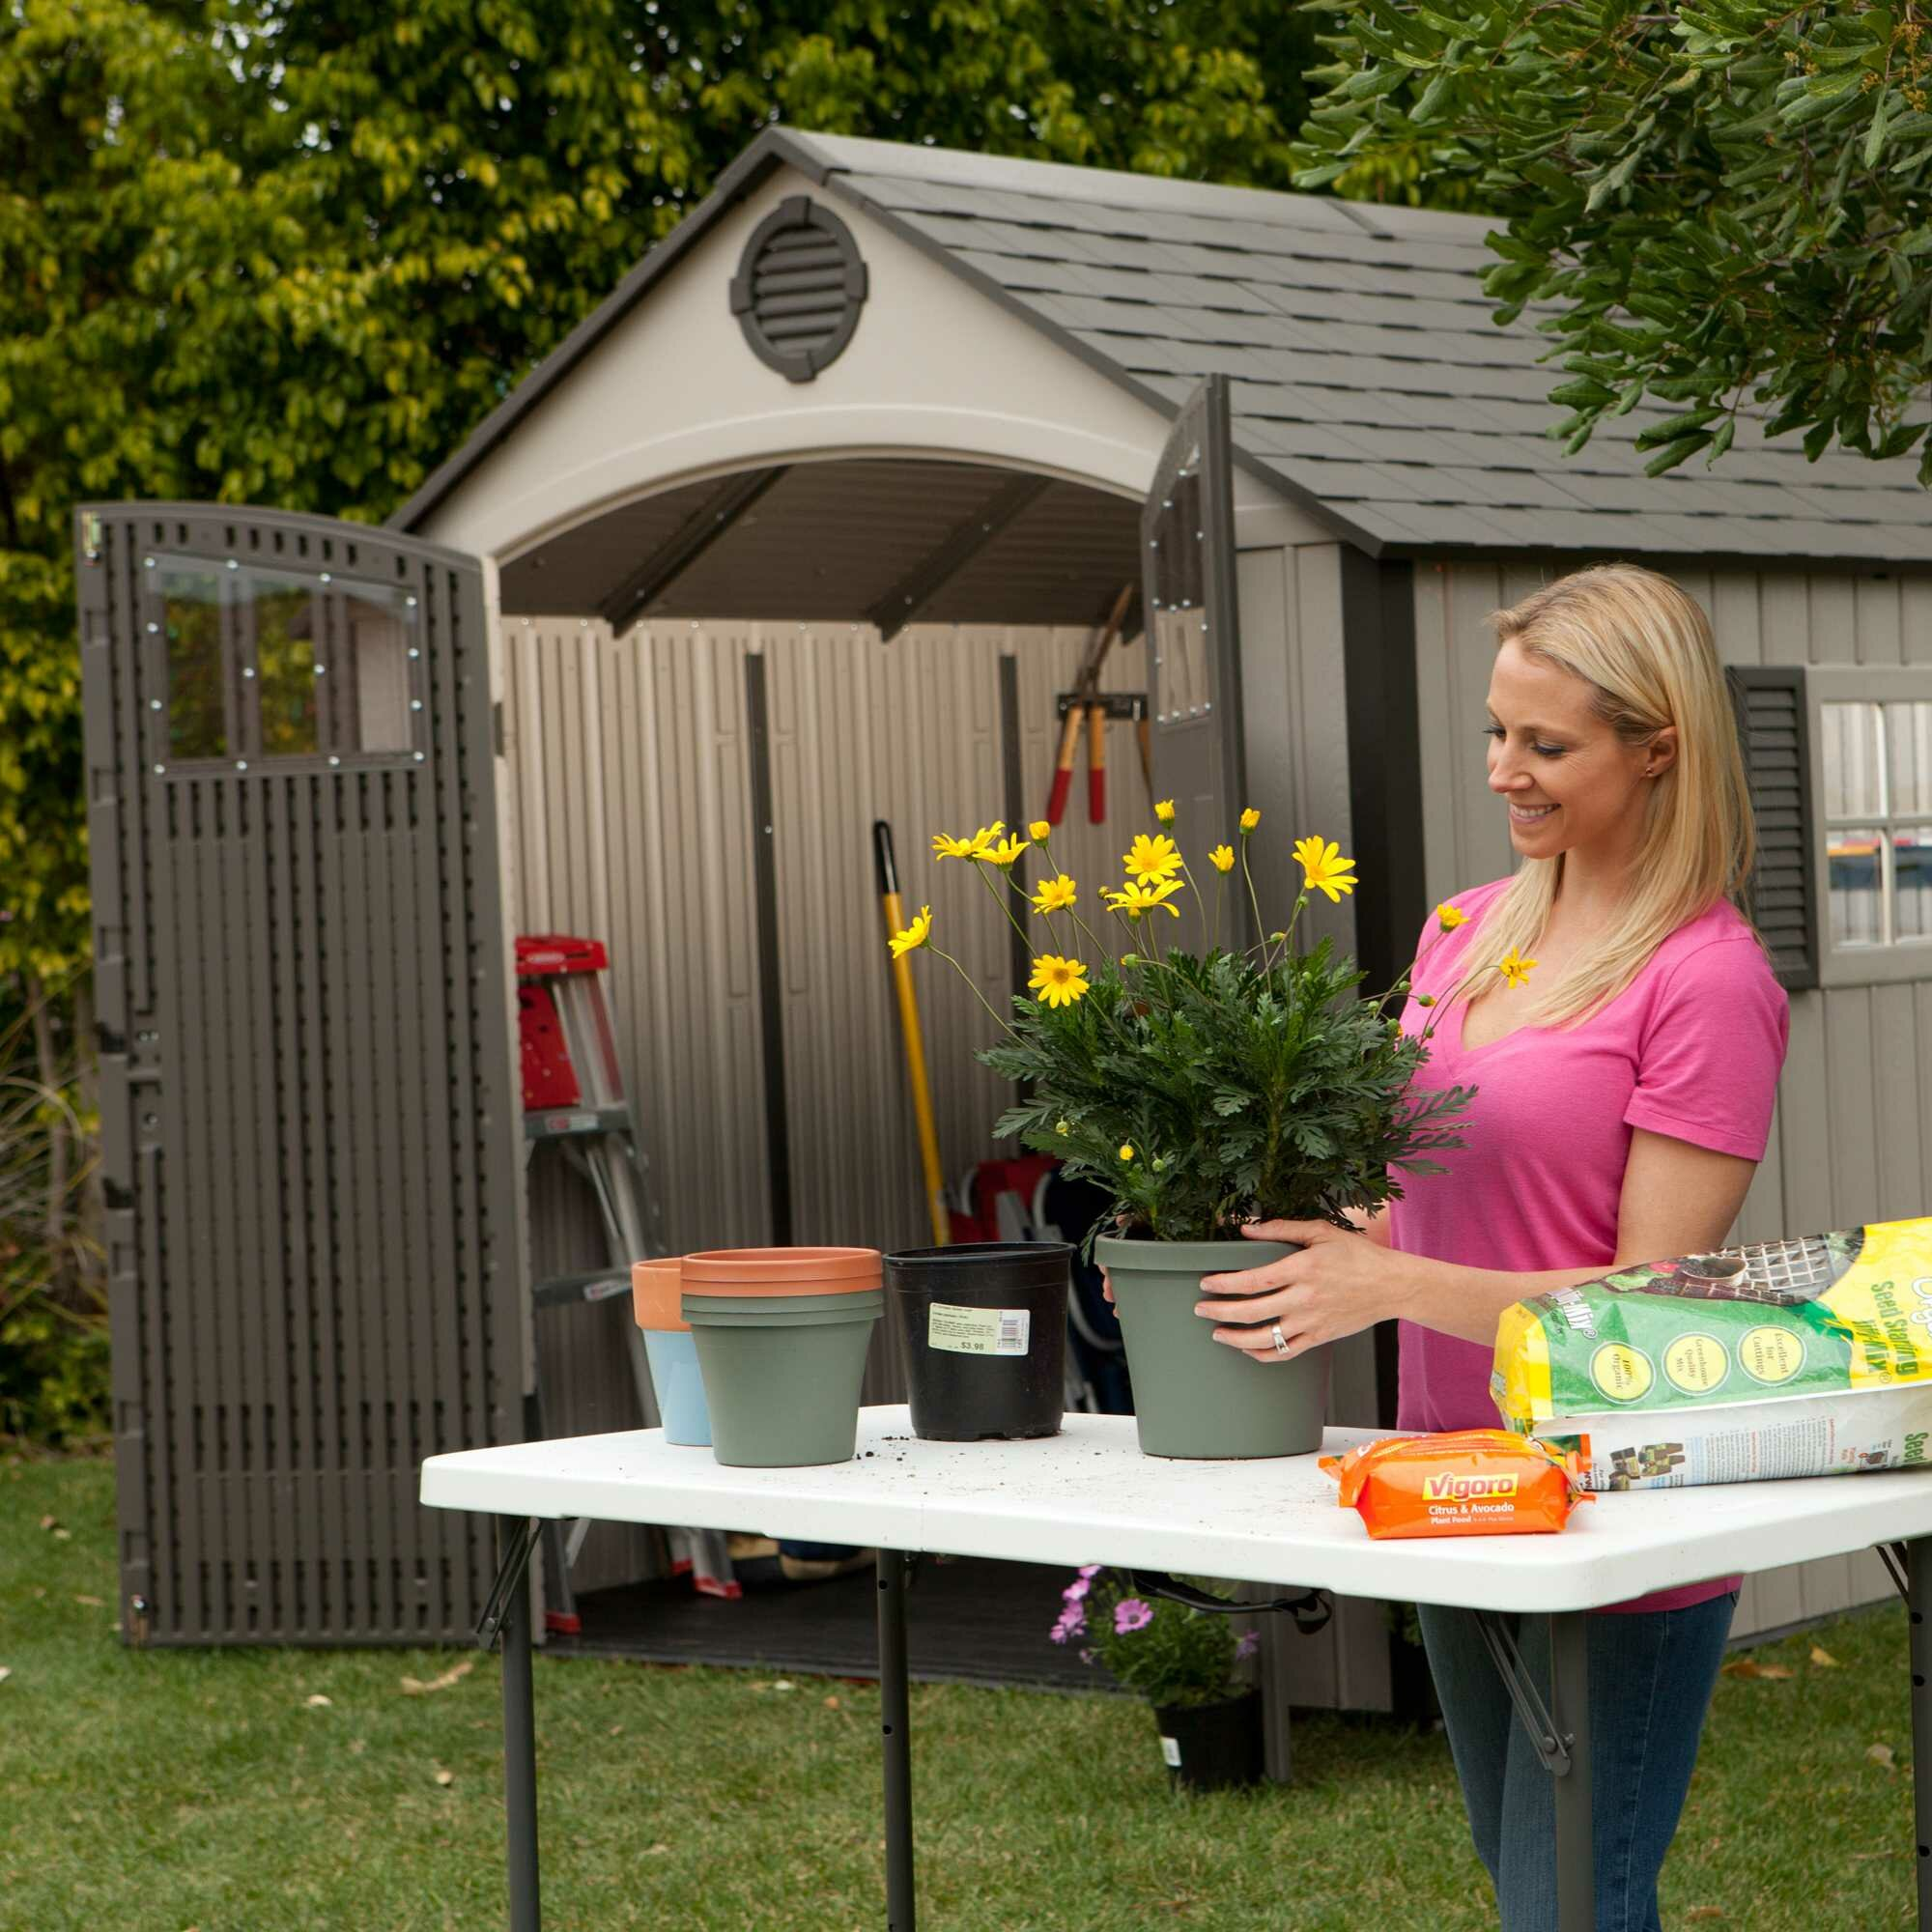 Lifetime Premium 8 Ft. W x 10 Ft. D Plastic Garden Shed & Reviews